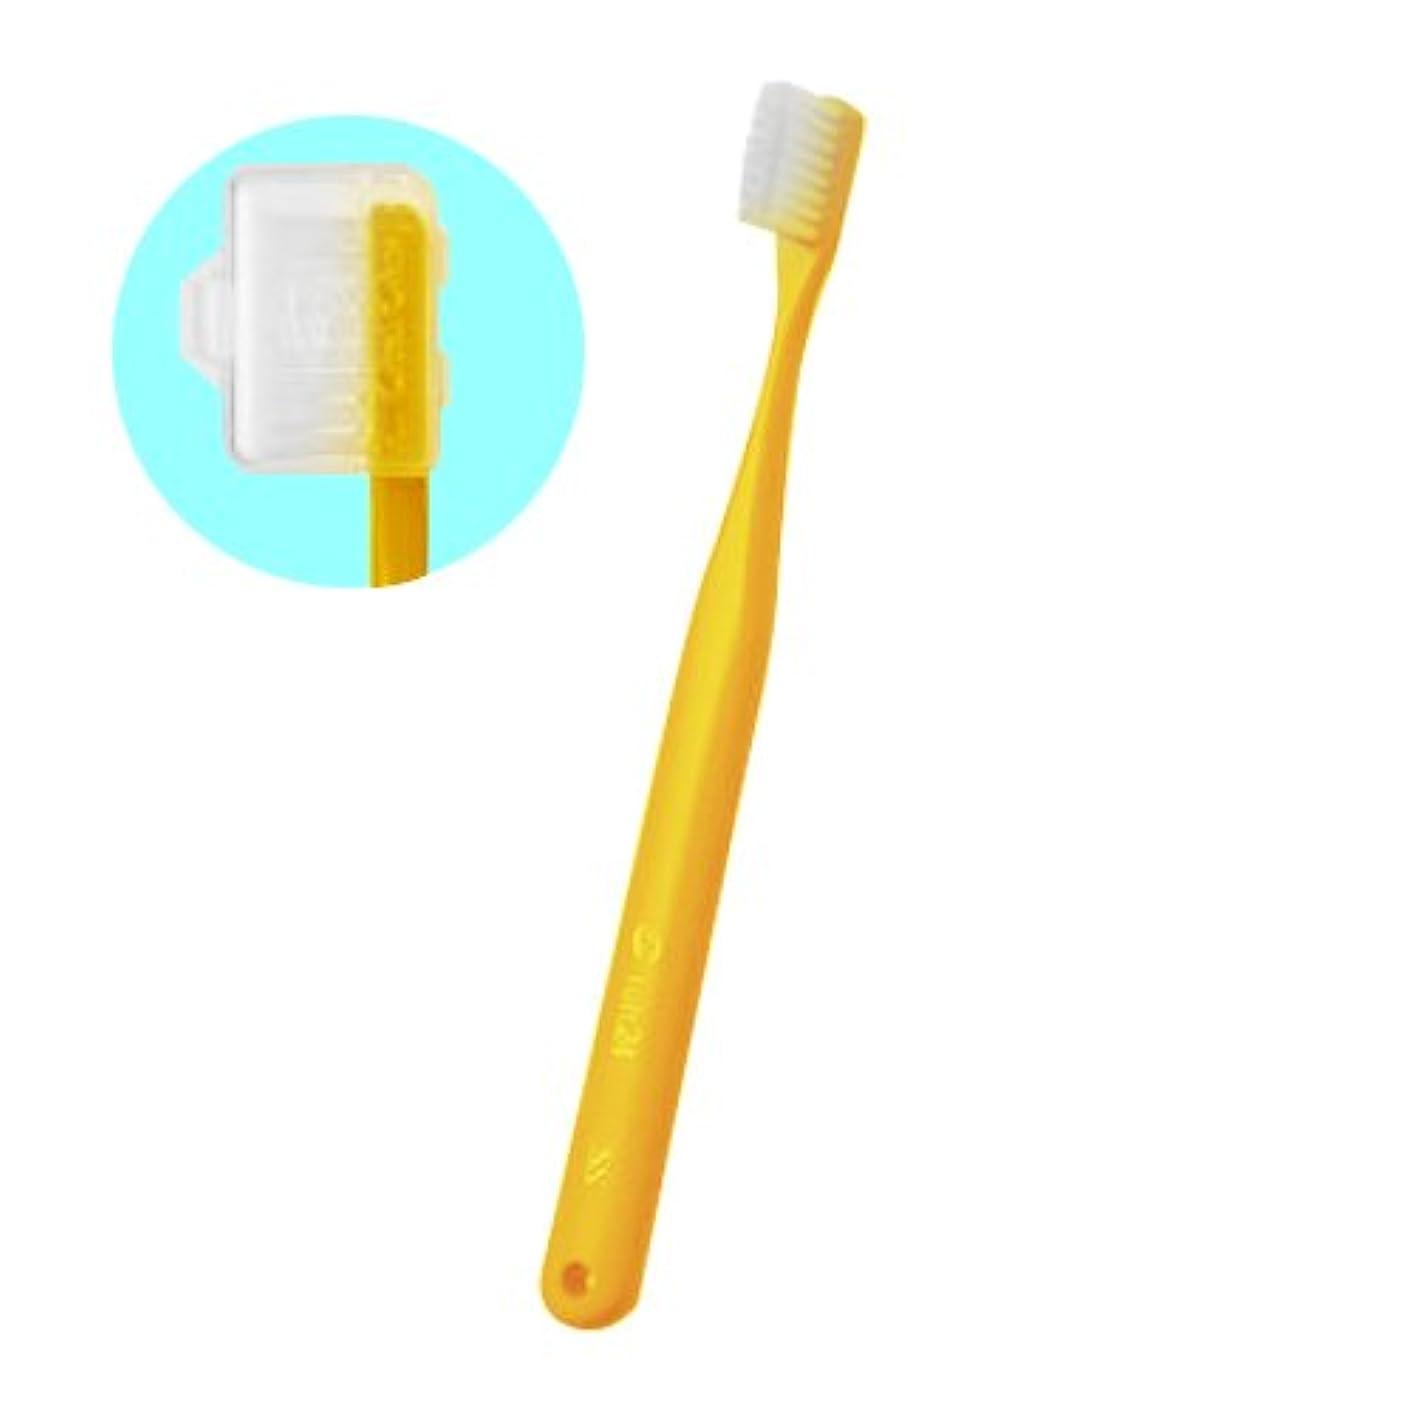 毛皮超えるやけどオーラルケア キャップ付き タフト 24 歯ブラシ エクストラスーパーソフト 1本 (イエロー)